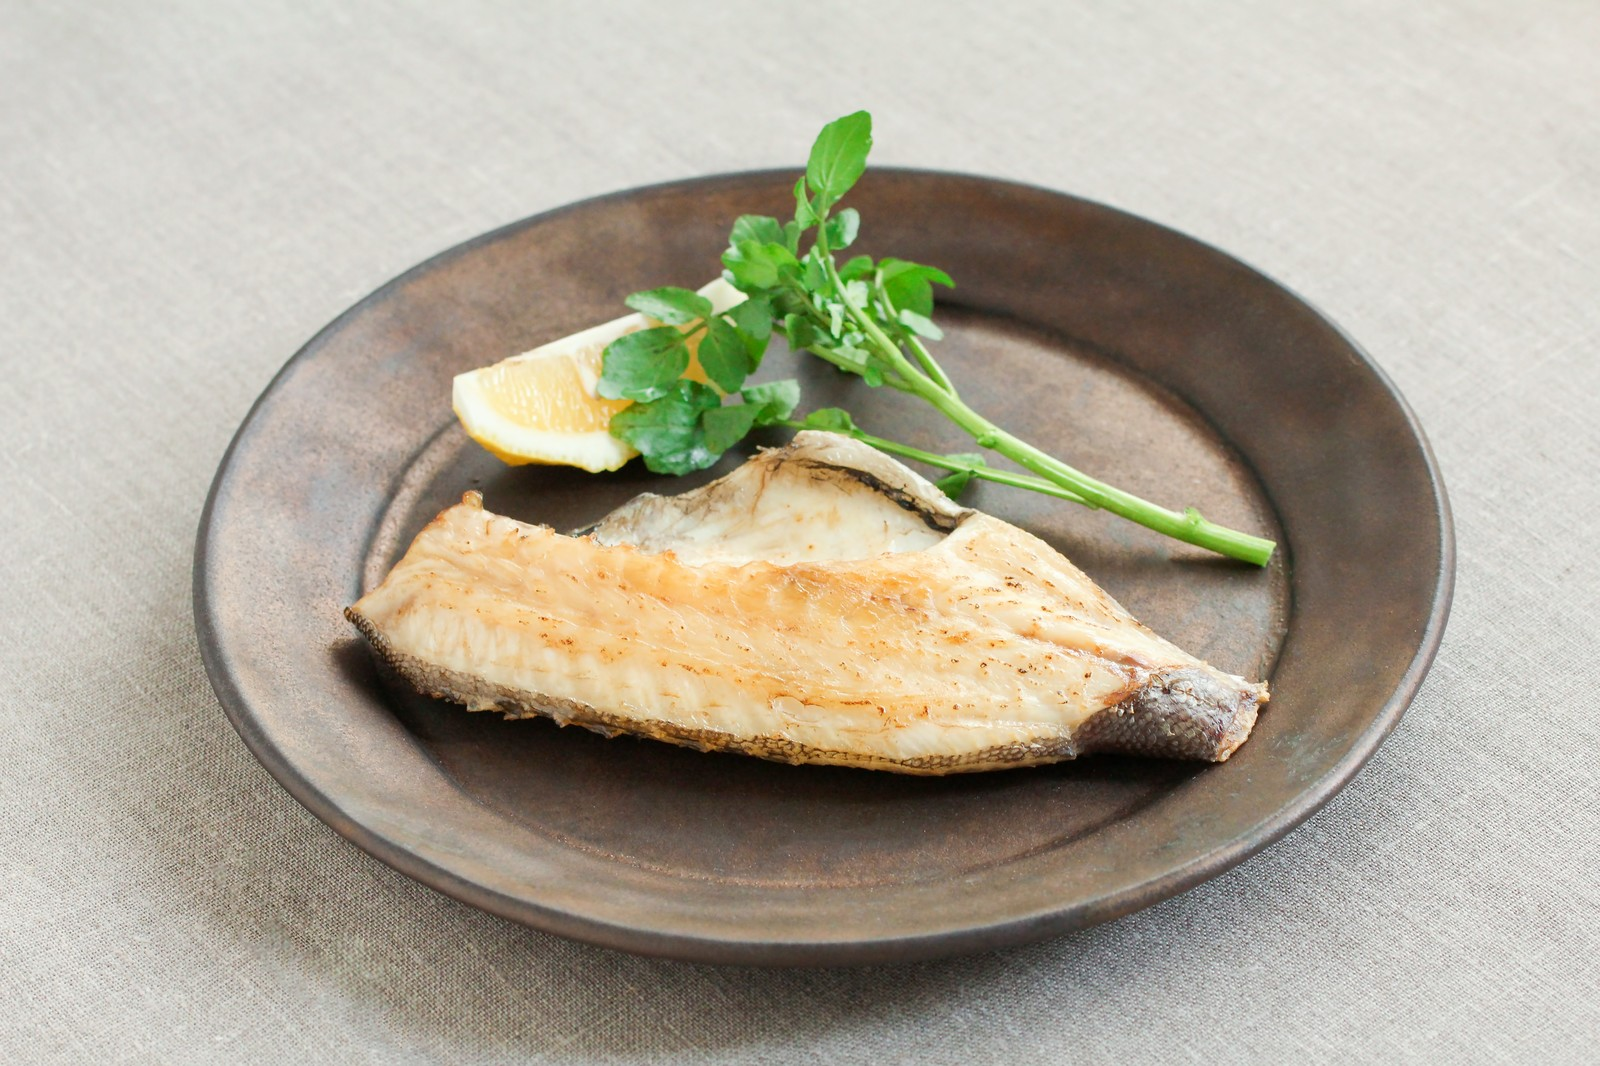 「焼き魚焼き魚」のフリー写真素材